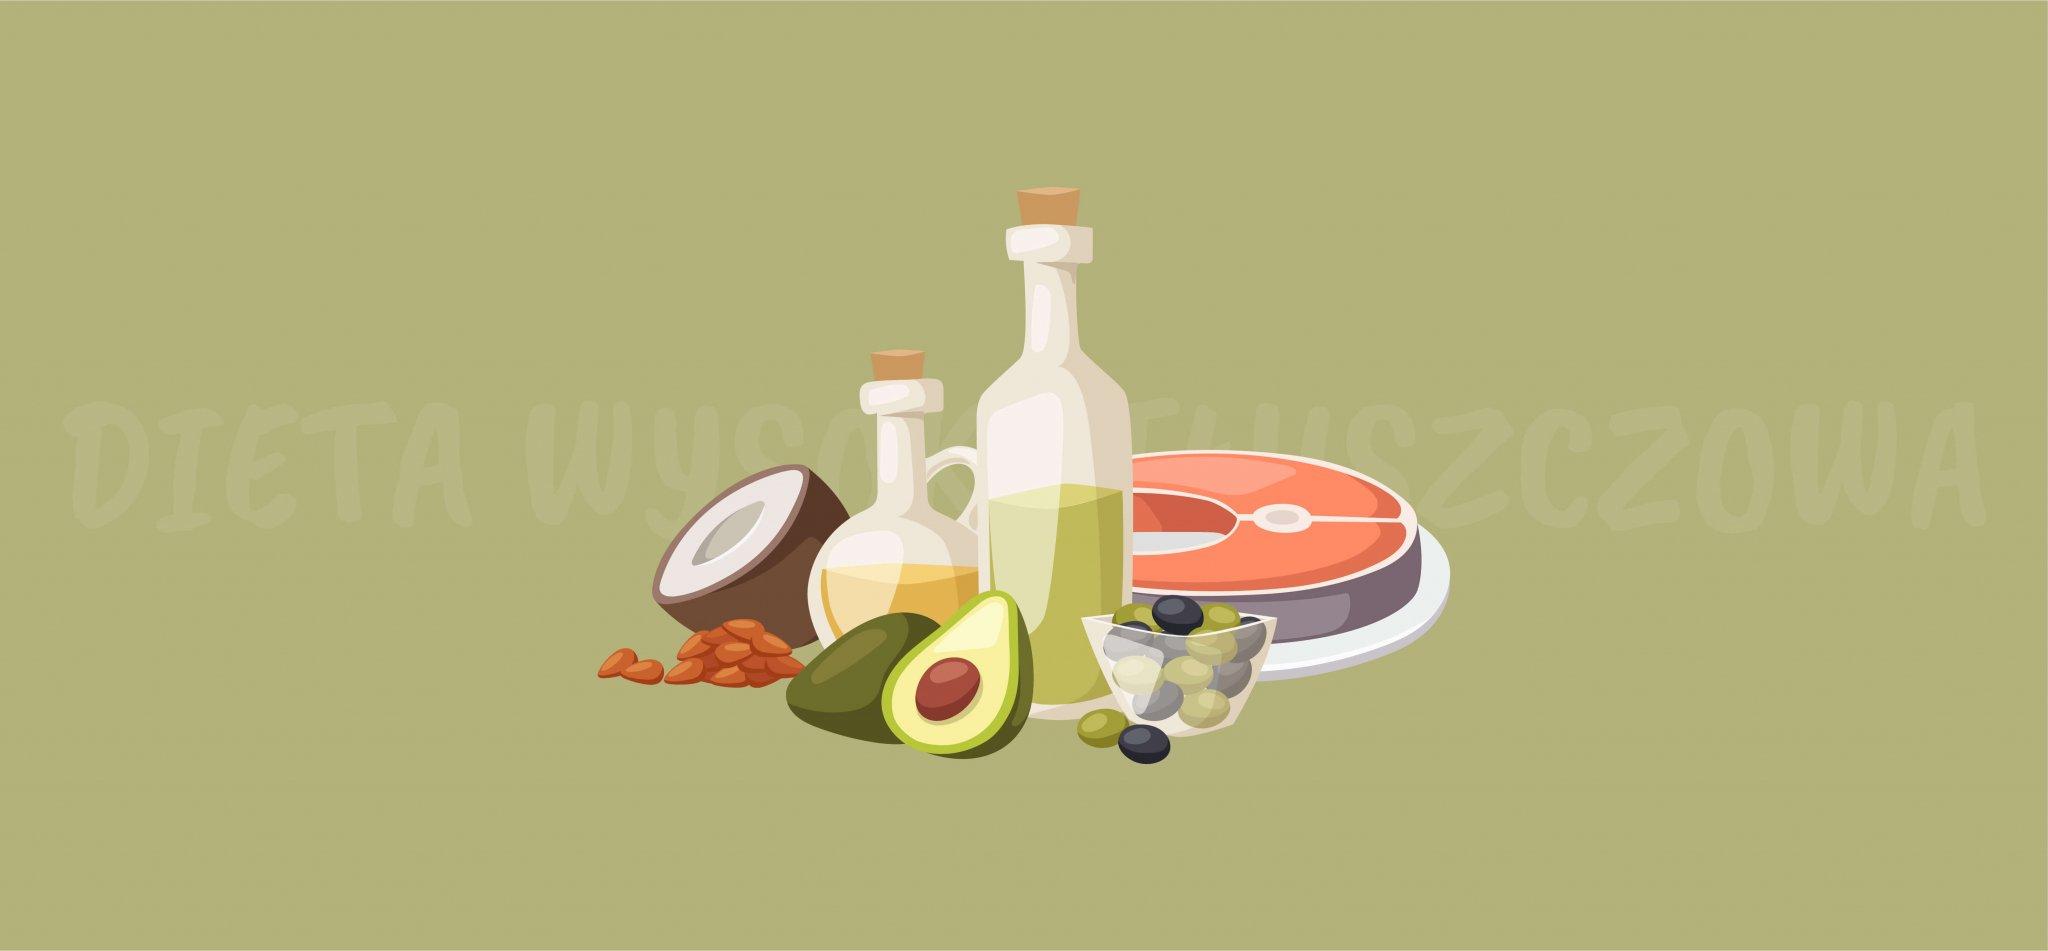 Dieta wysokotłuszczowa – korzyści i ryzyko związane z większą podażą tłuszczu